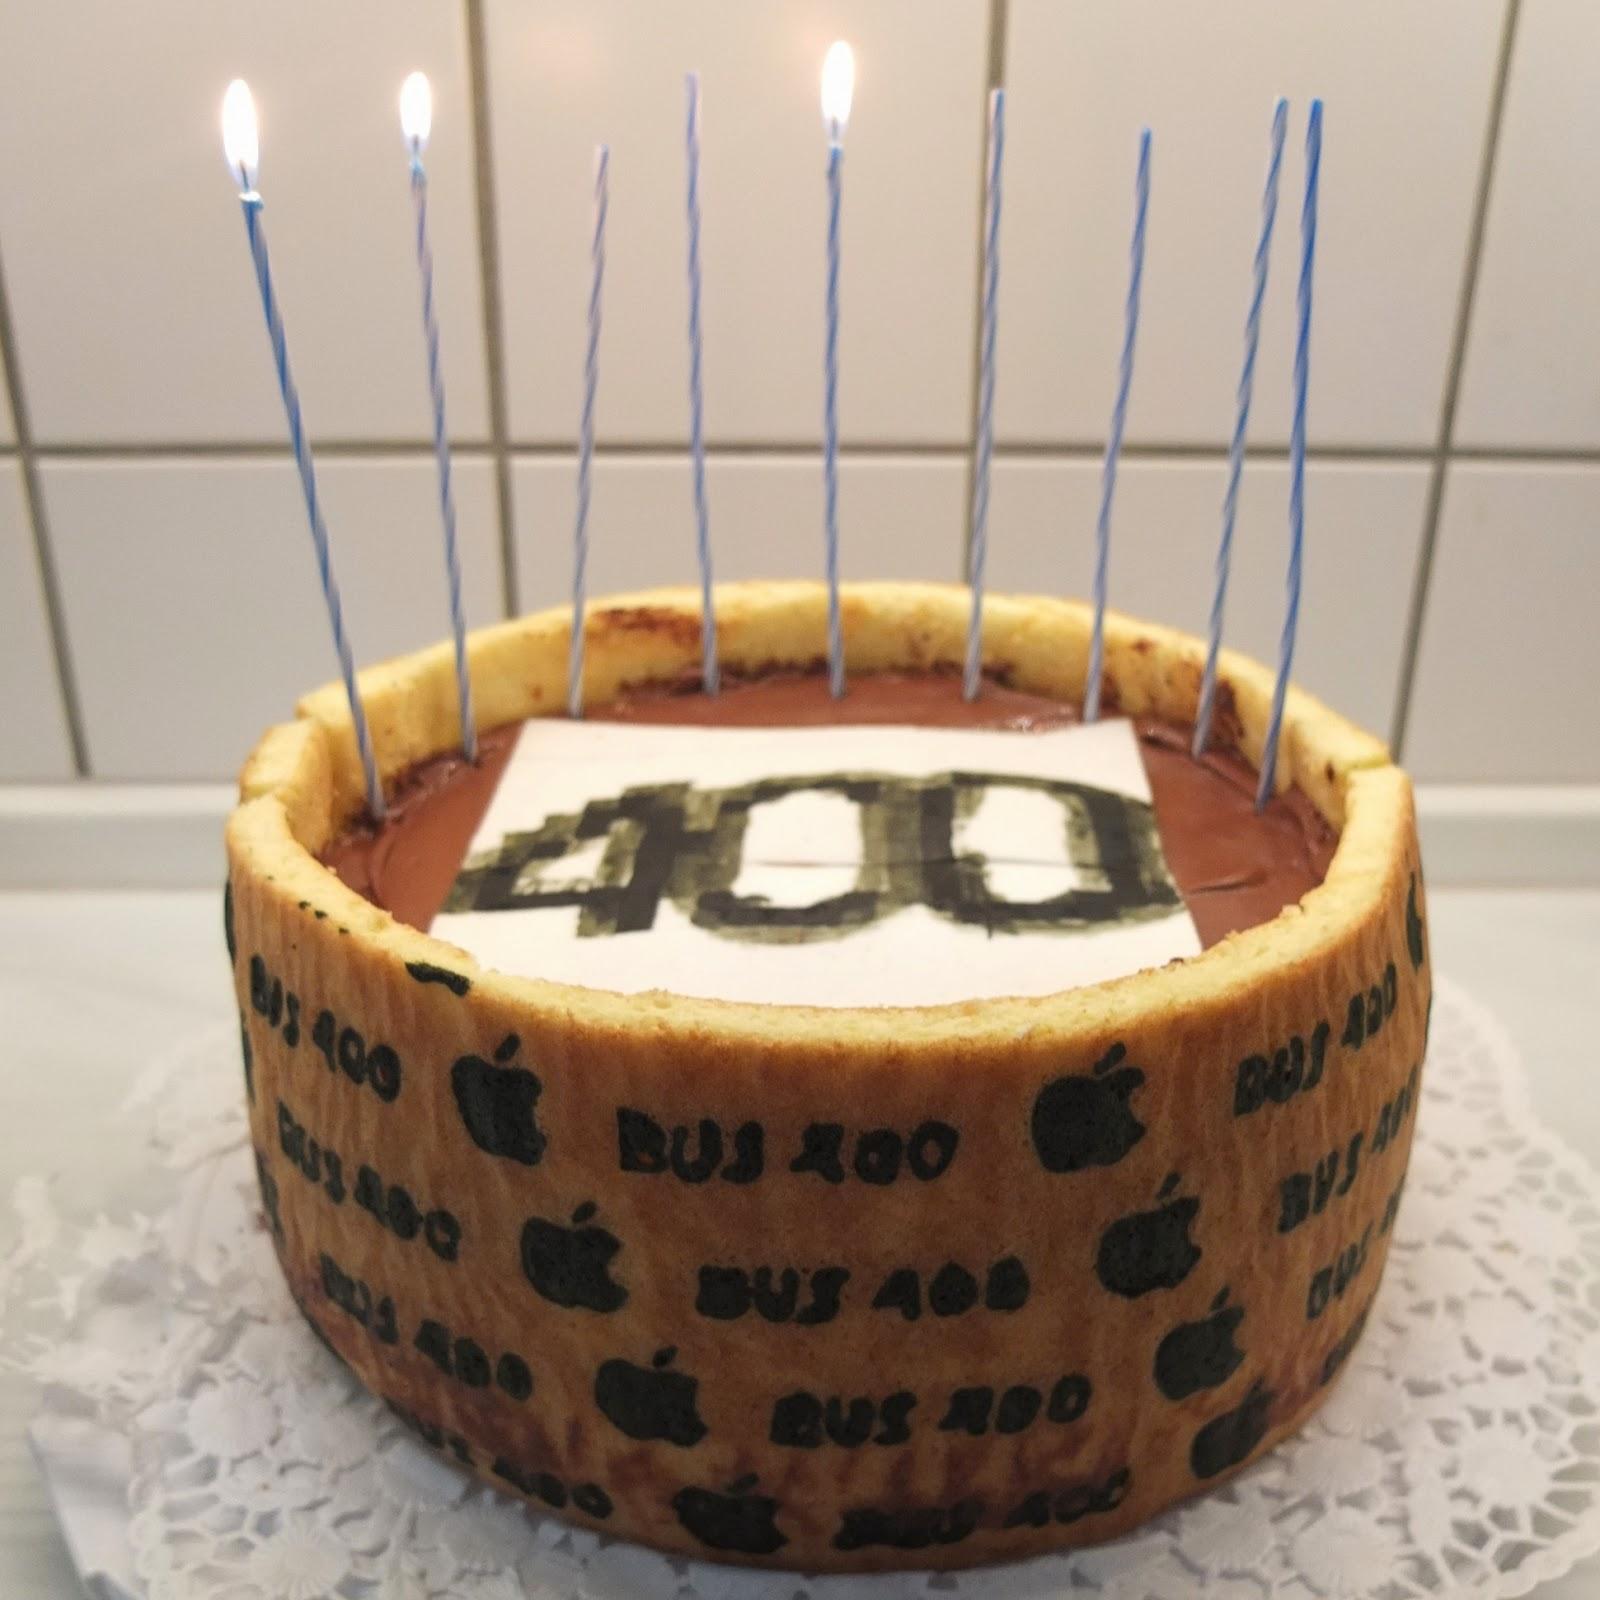 Patisserie Nadine Bits Und So 400 Schoko Espresso Torte Mit